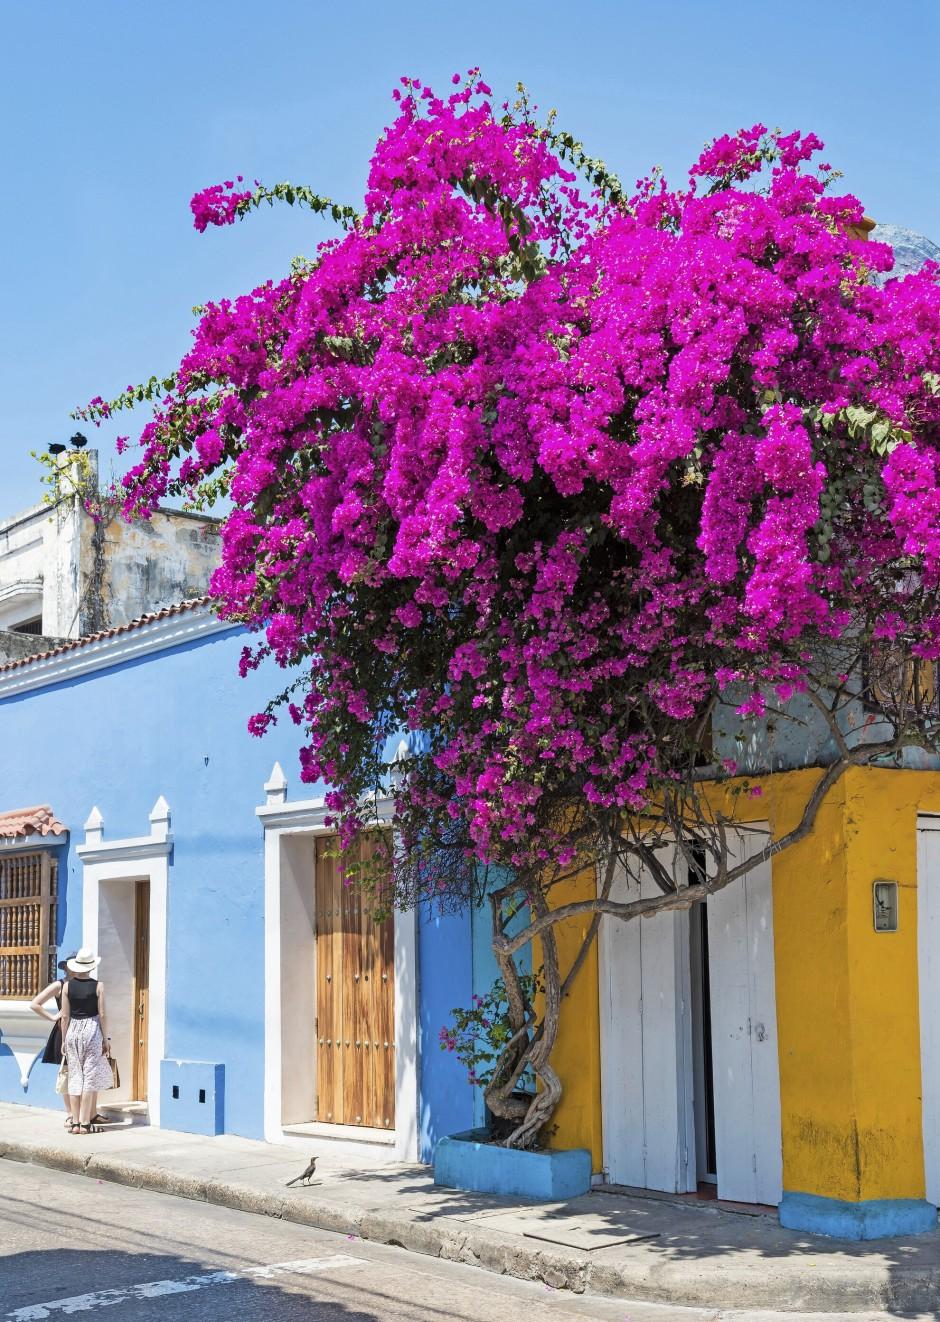 Blühendes Trugbild: Kaum ein Haus im historischen Zentrum von Cartagena wird noch von Einheimischen bewohnt, weil fast alle Gebäude in Touristenunterkünfte umgewandelt worden sind.